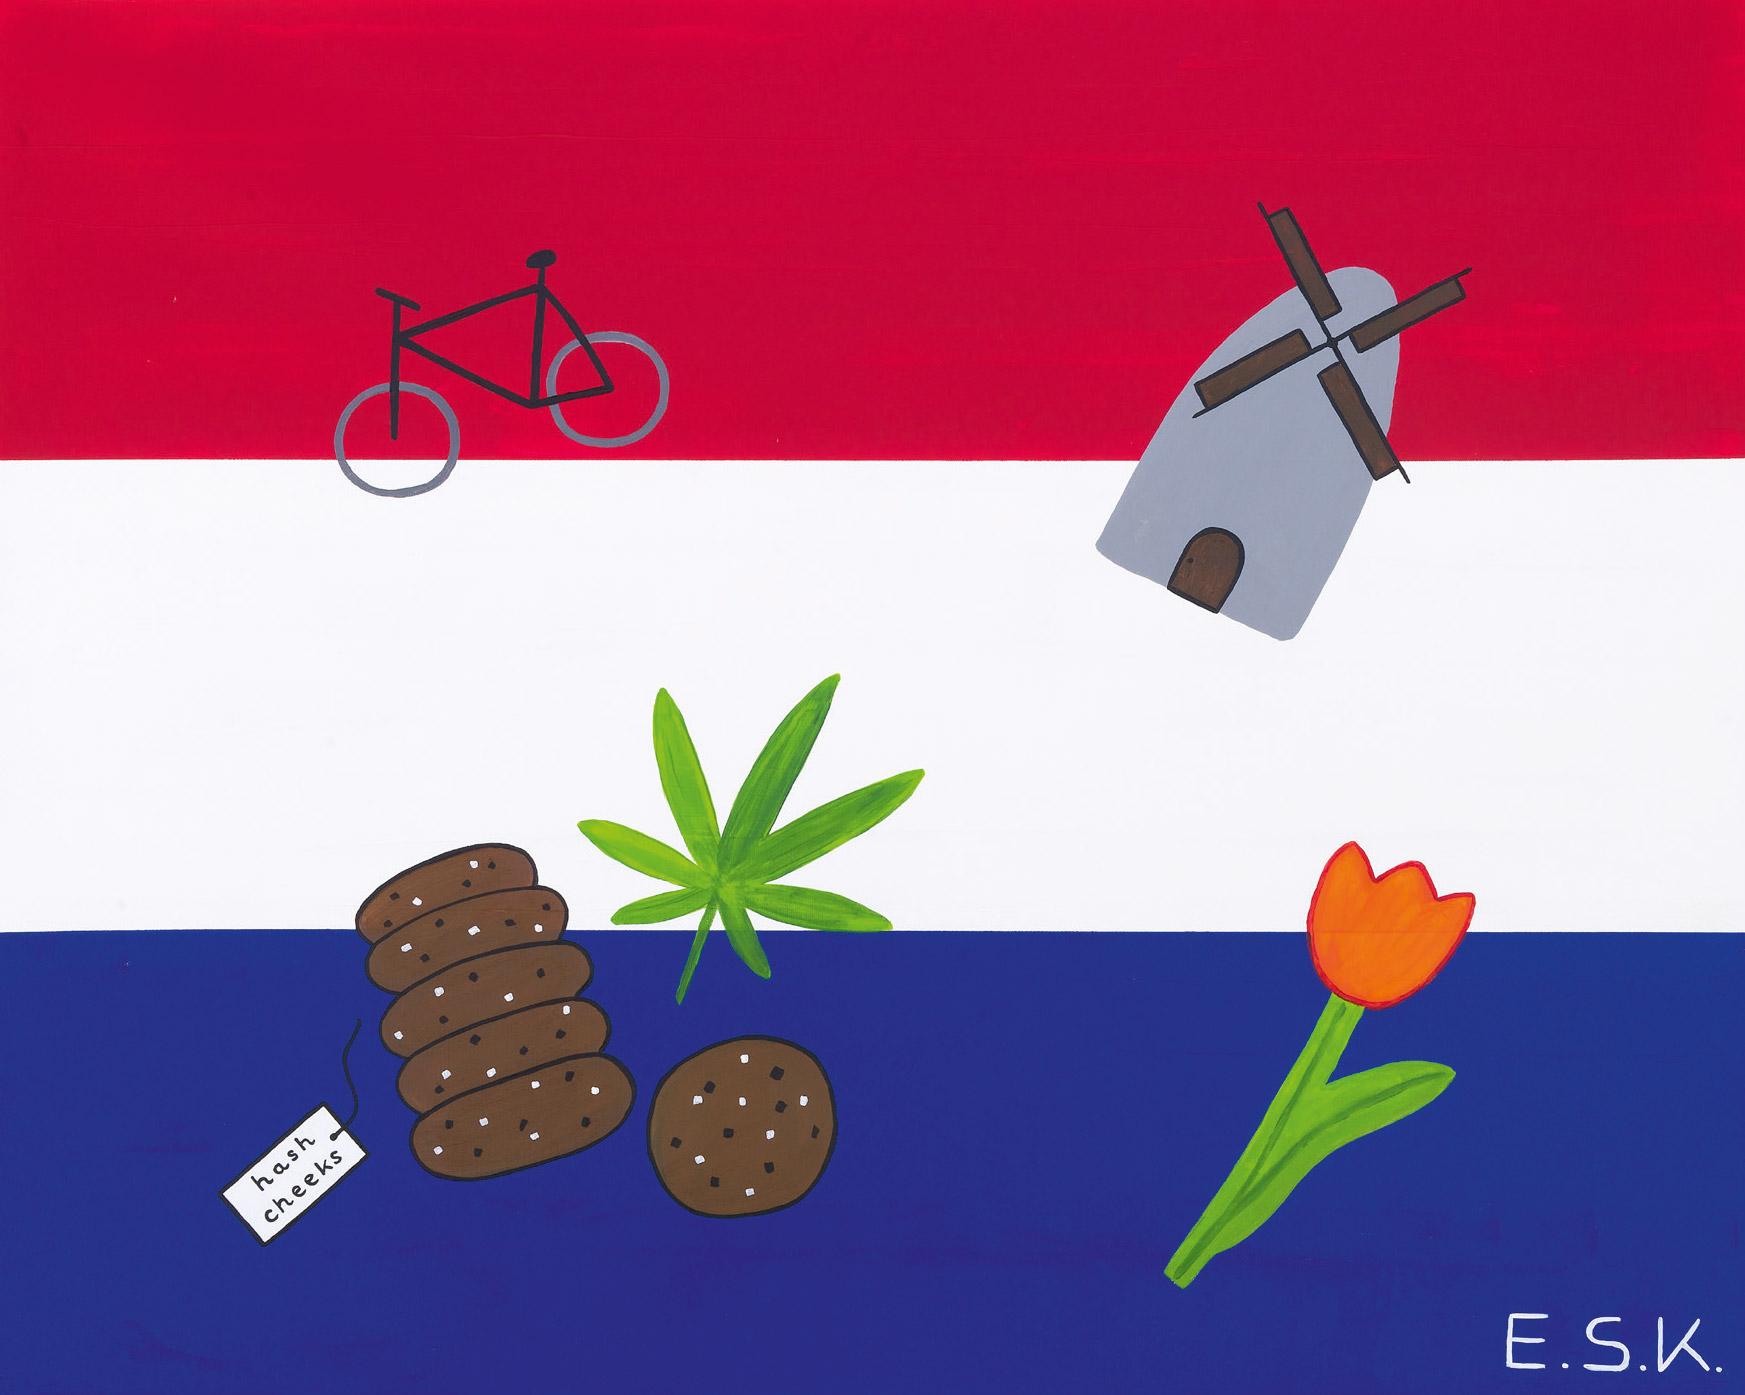 Niederlande -Cheeky Pop Art by E.S.K. Eileen Susanne Kreipl